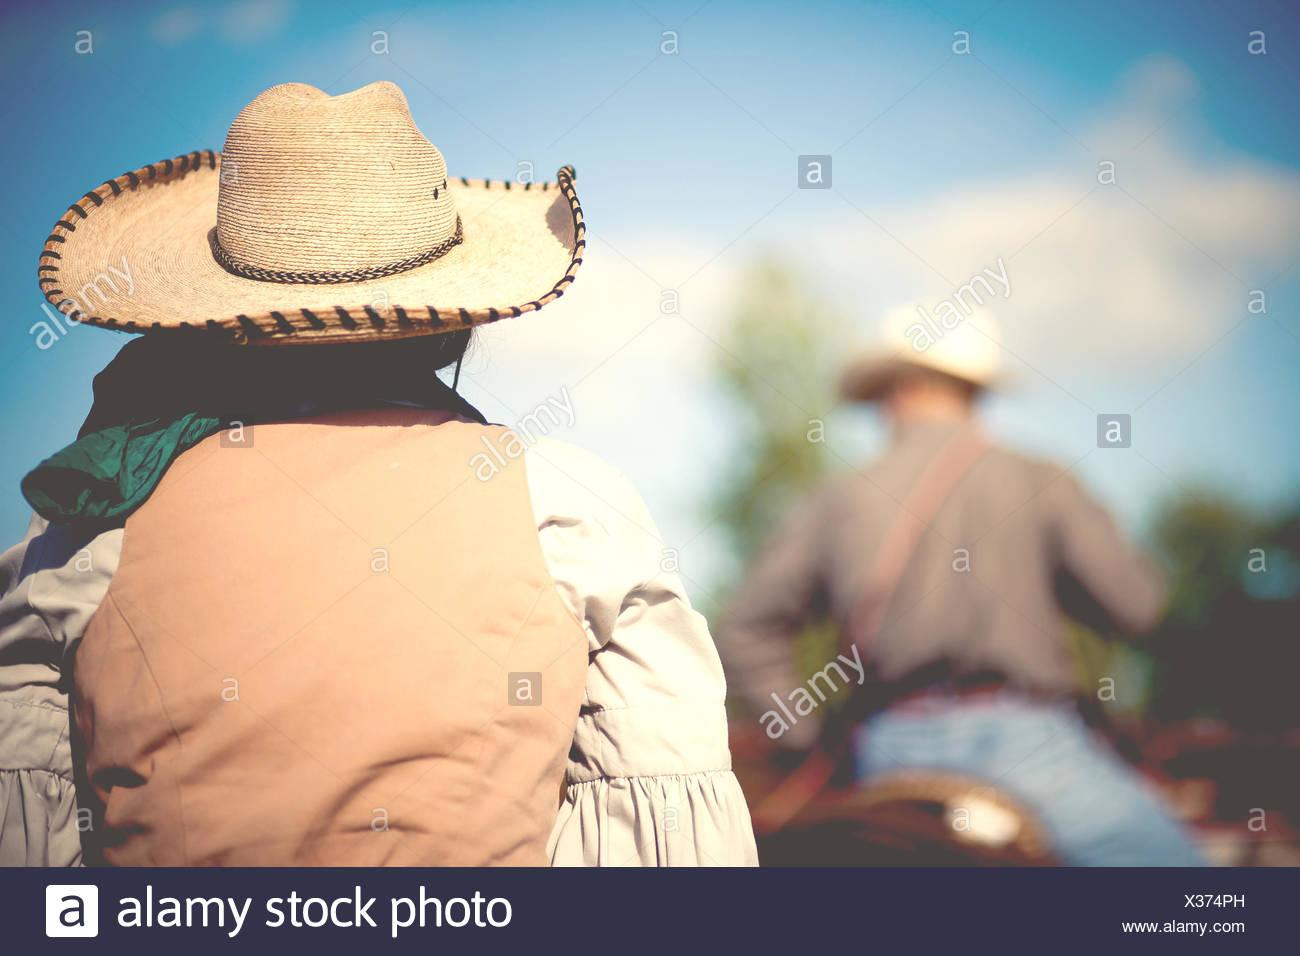 USA, New York, vue arrière de personnes l'équitation Photo Stock